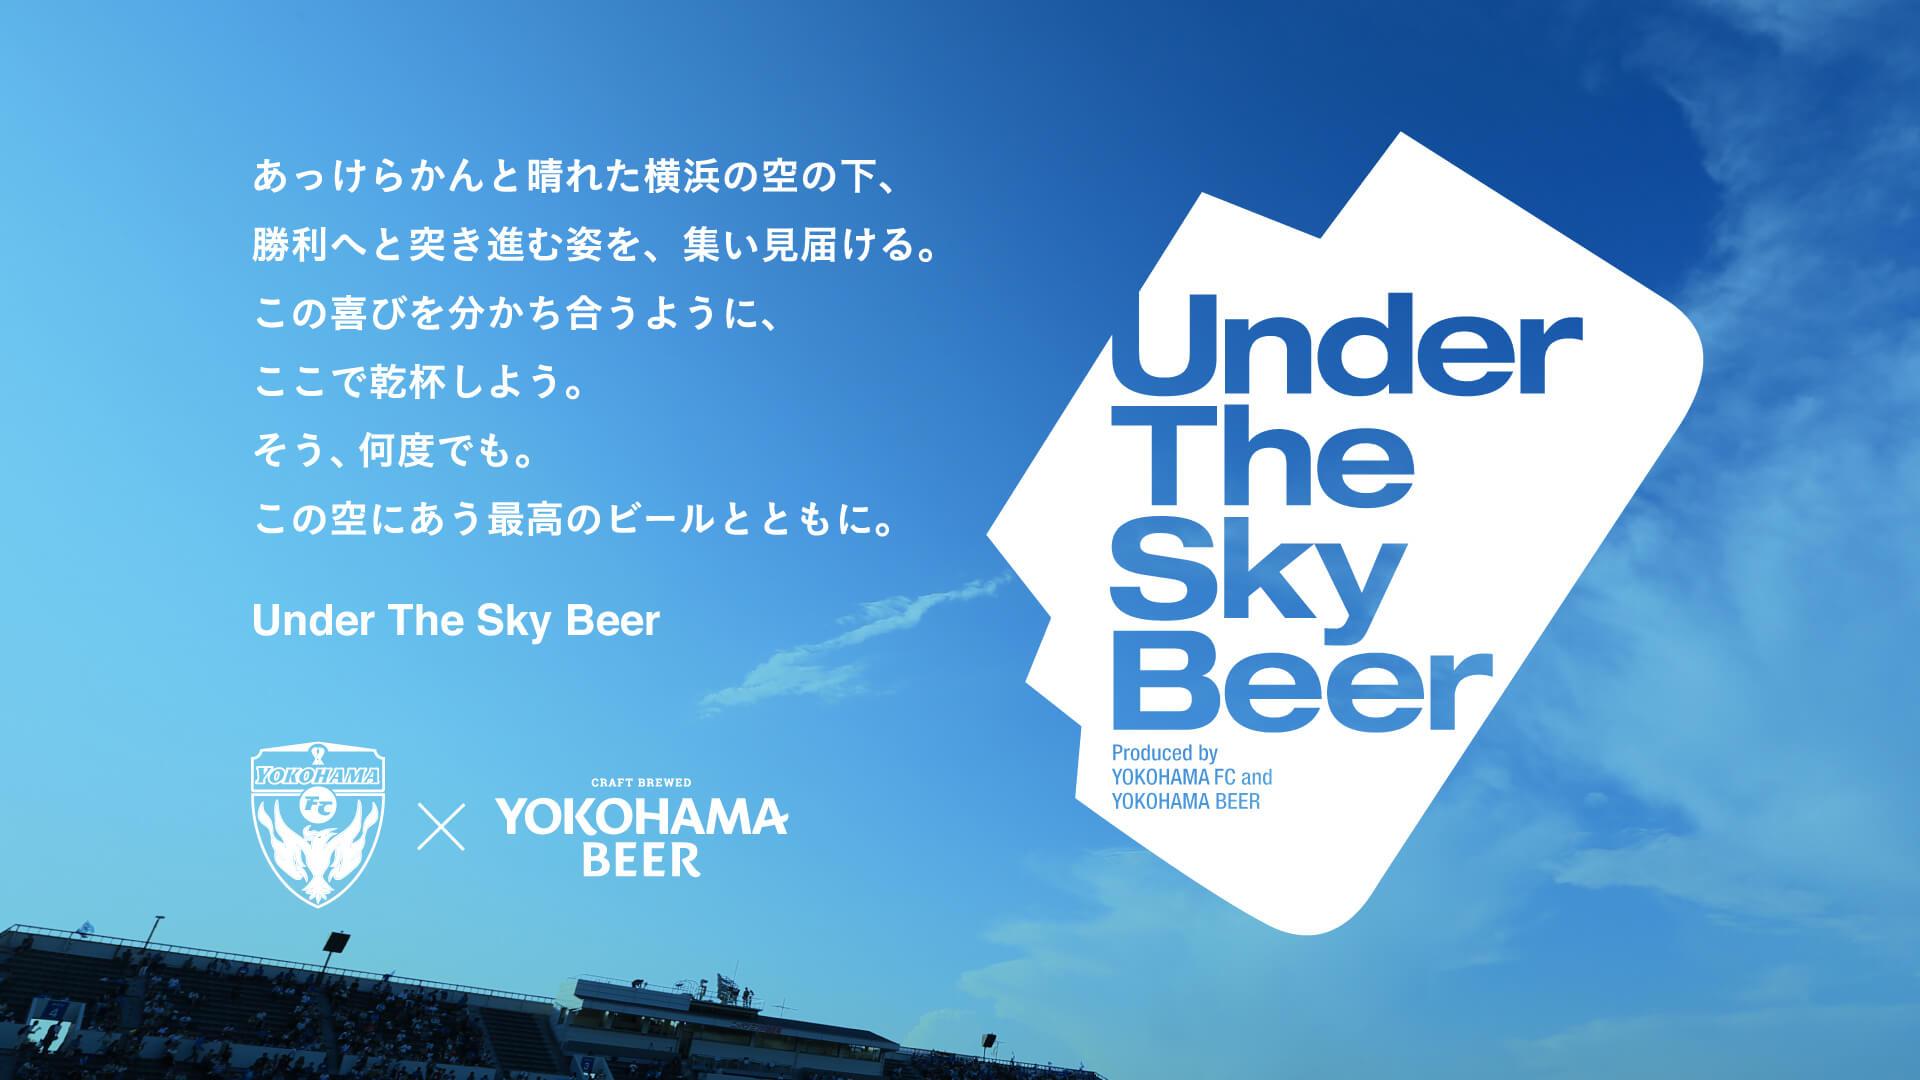 横浜FC×横浜ビールがコラボ!オリジナルビール「Under The Sky Beer~SUNNY Session IPA~」が発売に gourmet210426_yokohamabeer-210426_1